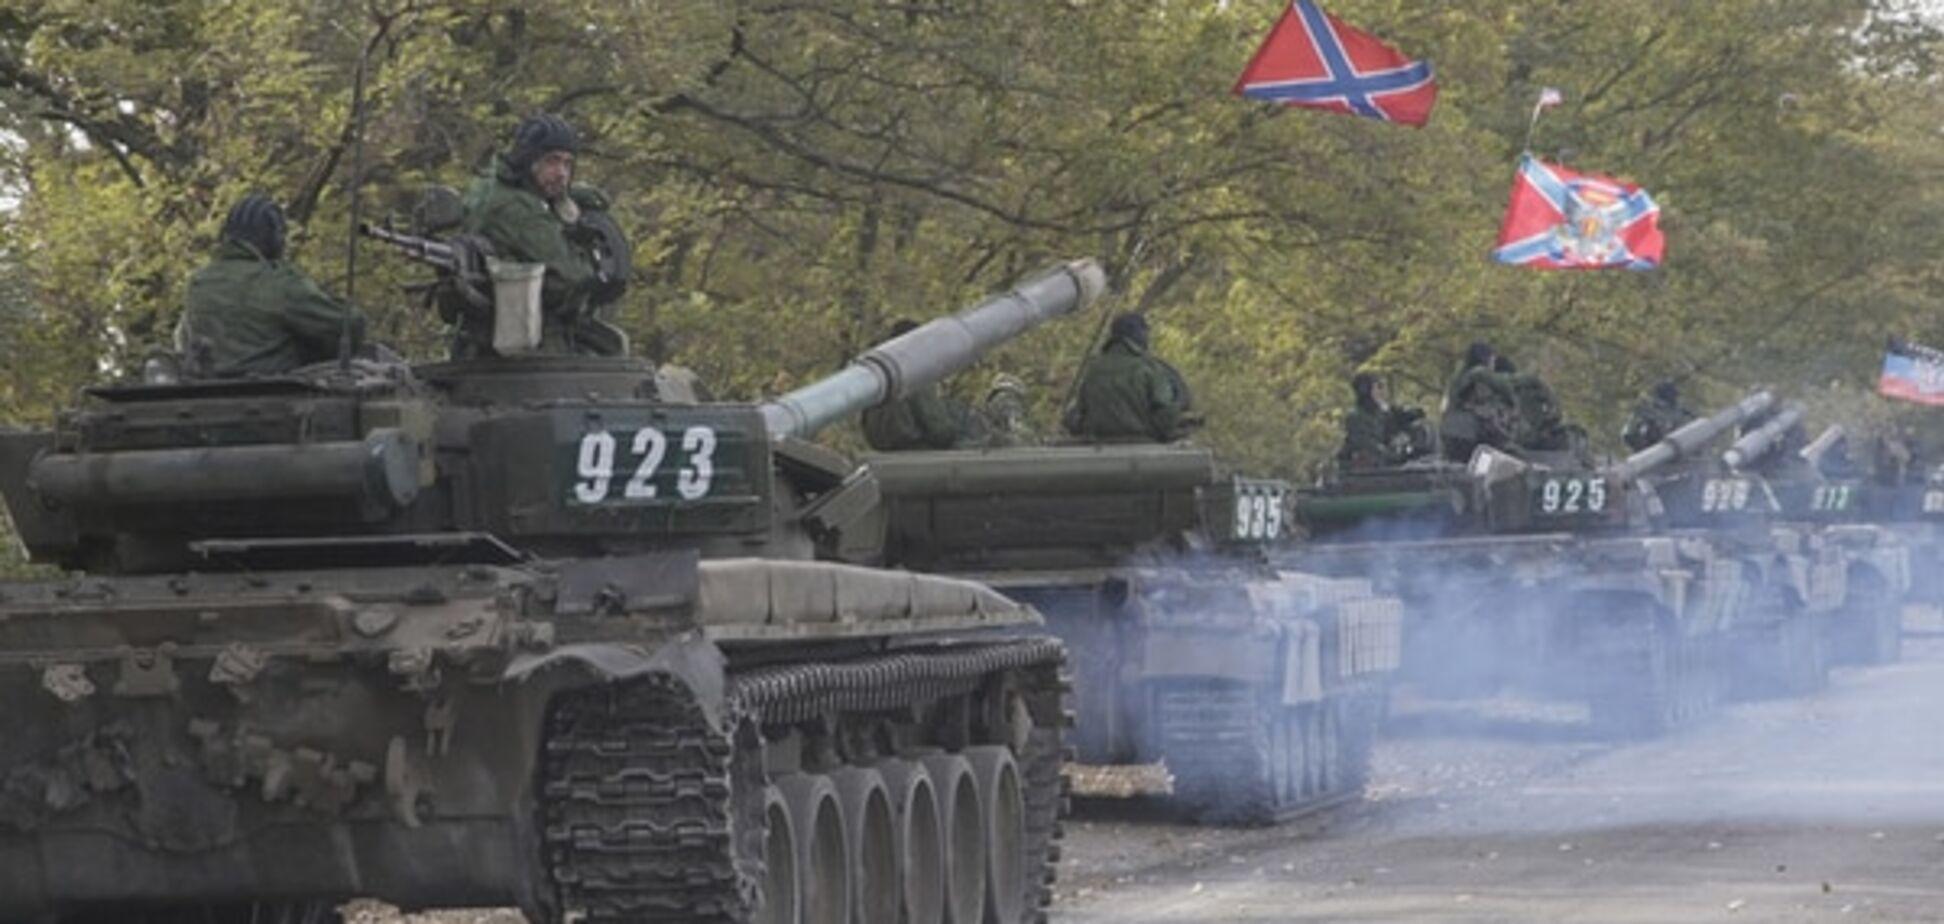 Терористи 'ДНР' продовжують перестрілки на окупованій території - ОБСЄ